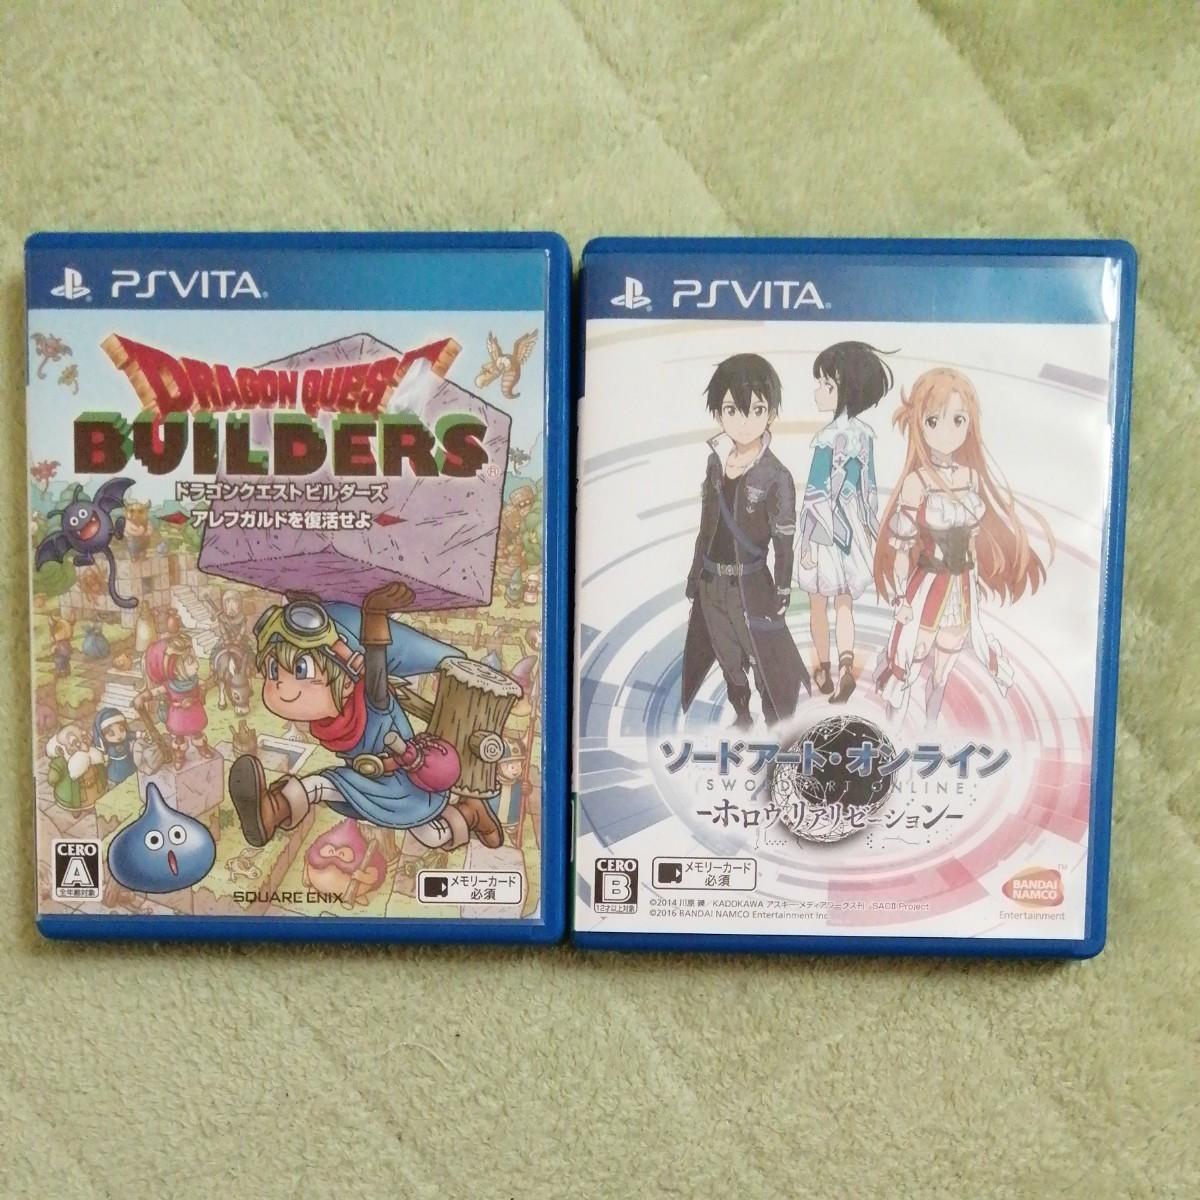 PS Vita ソフト SAO ホロウリアリゼーション ドラゴンクエスト ビルダーズ アレフガルドを復活せよ